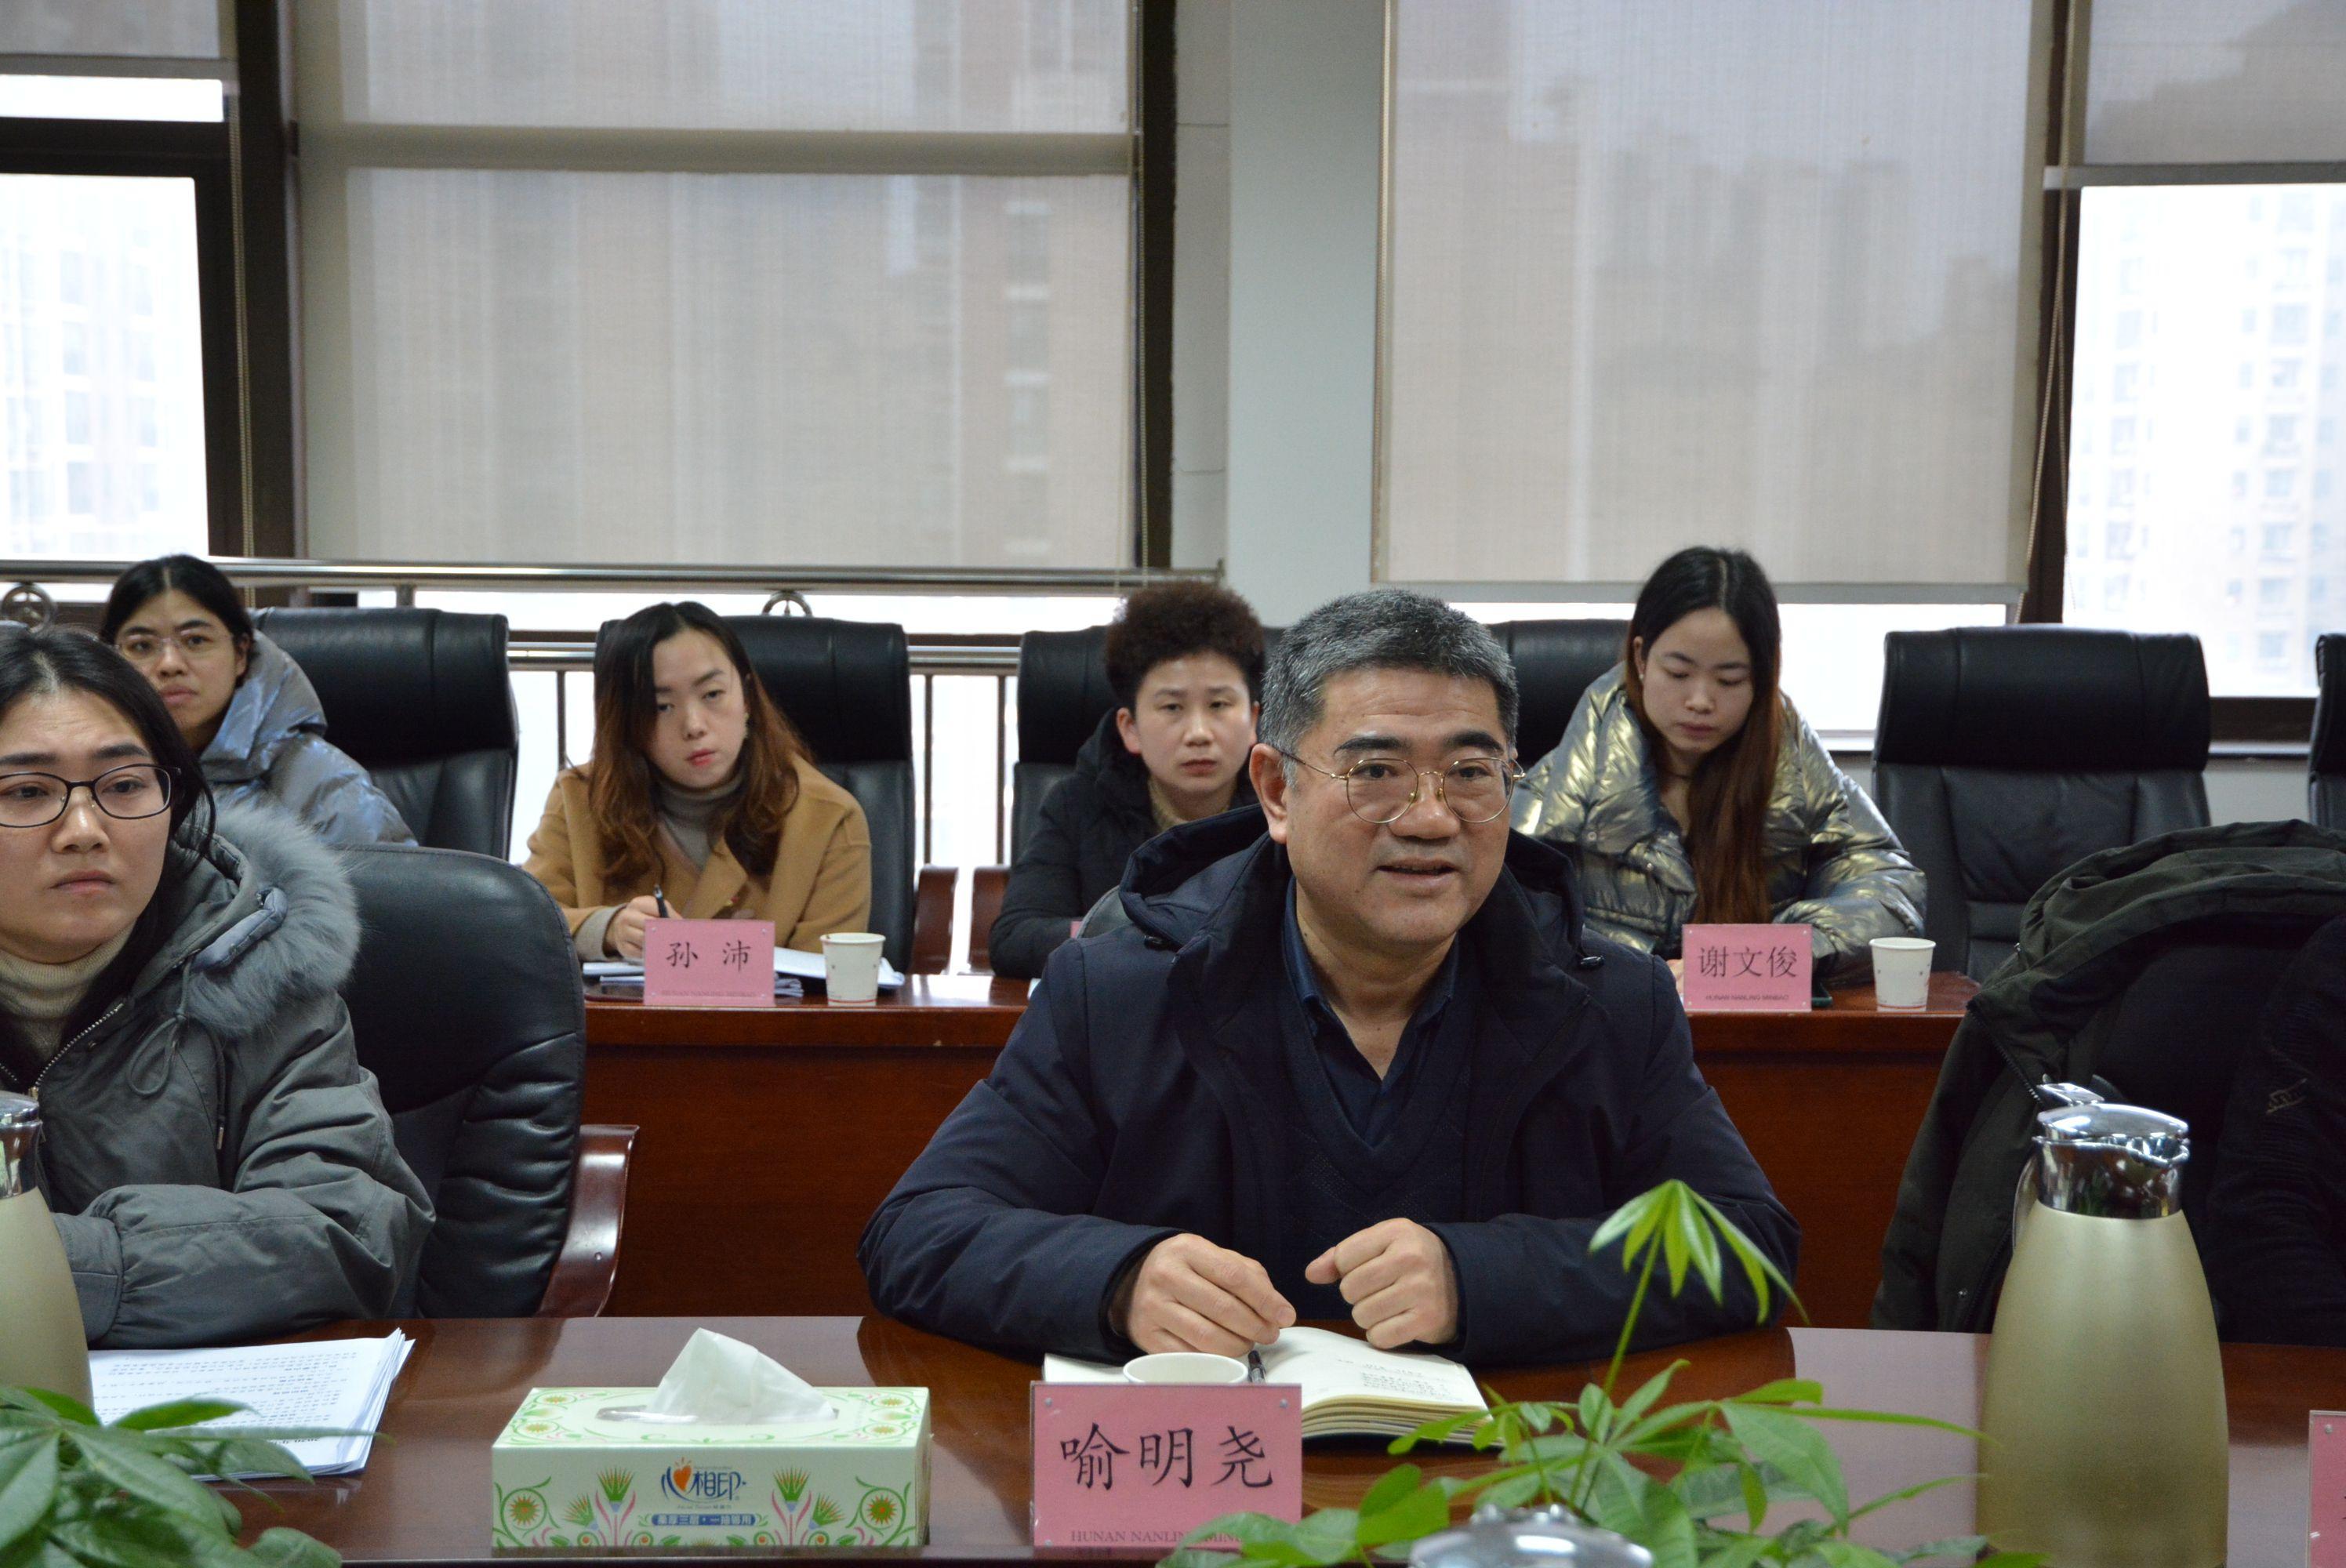 湘科集团对南岭民爆年度考核工作圆满结束